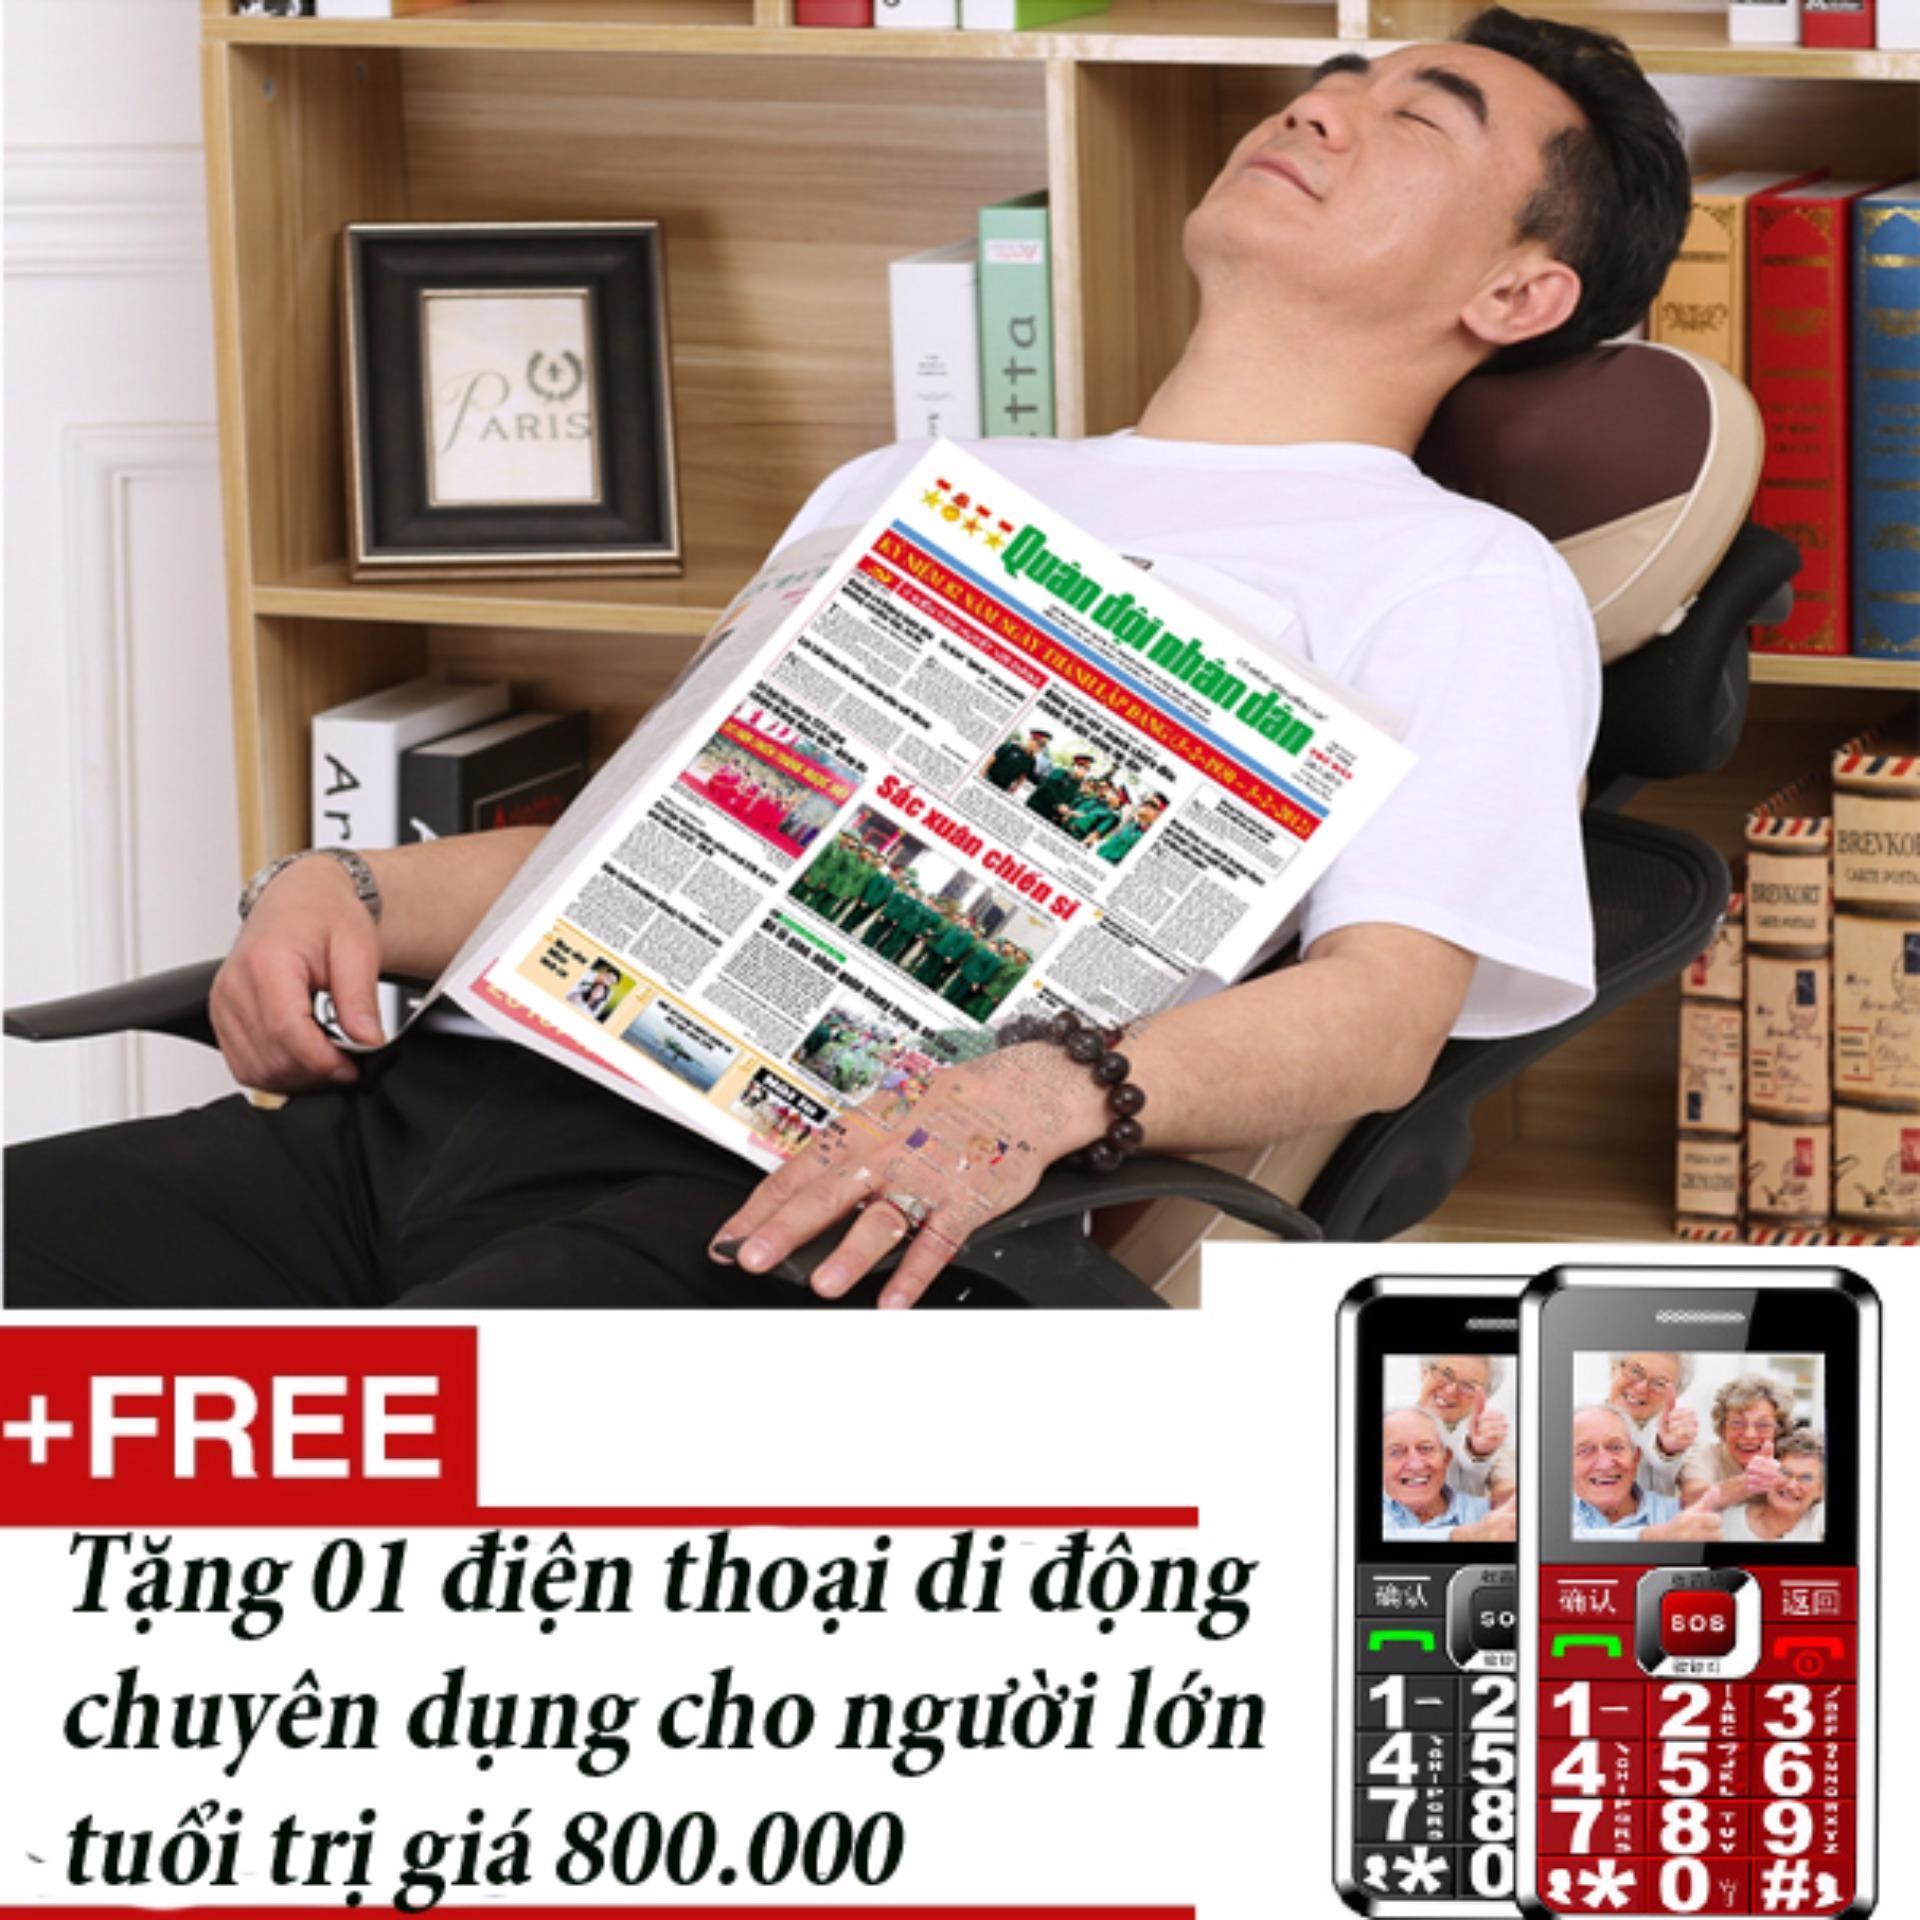 Mẫu sản phẩm Đệm ghế massage lưng cổ, cột sống + Tặng 01 điện thoại di động dành cho người lớn tuổi